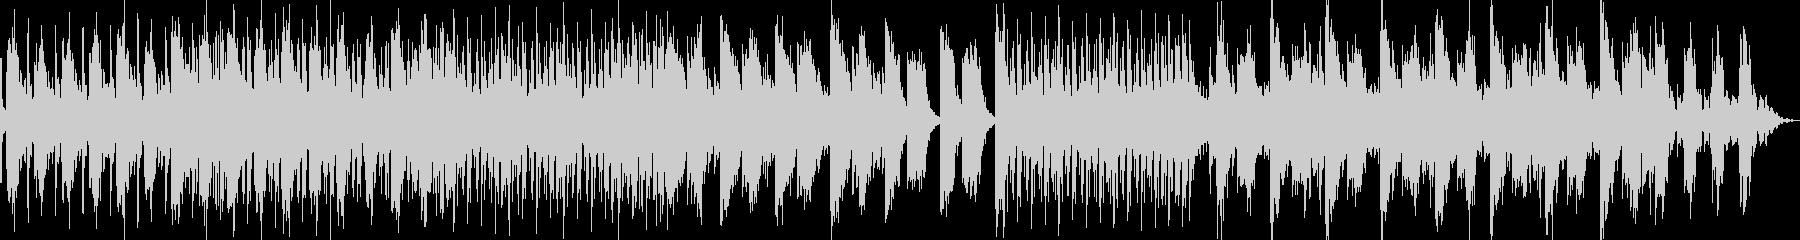 女性ボーカルとヴォコーダーのハウスの未再生の波形